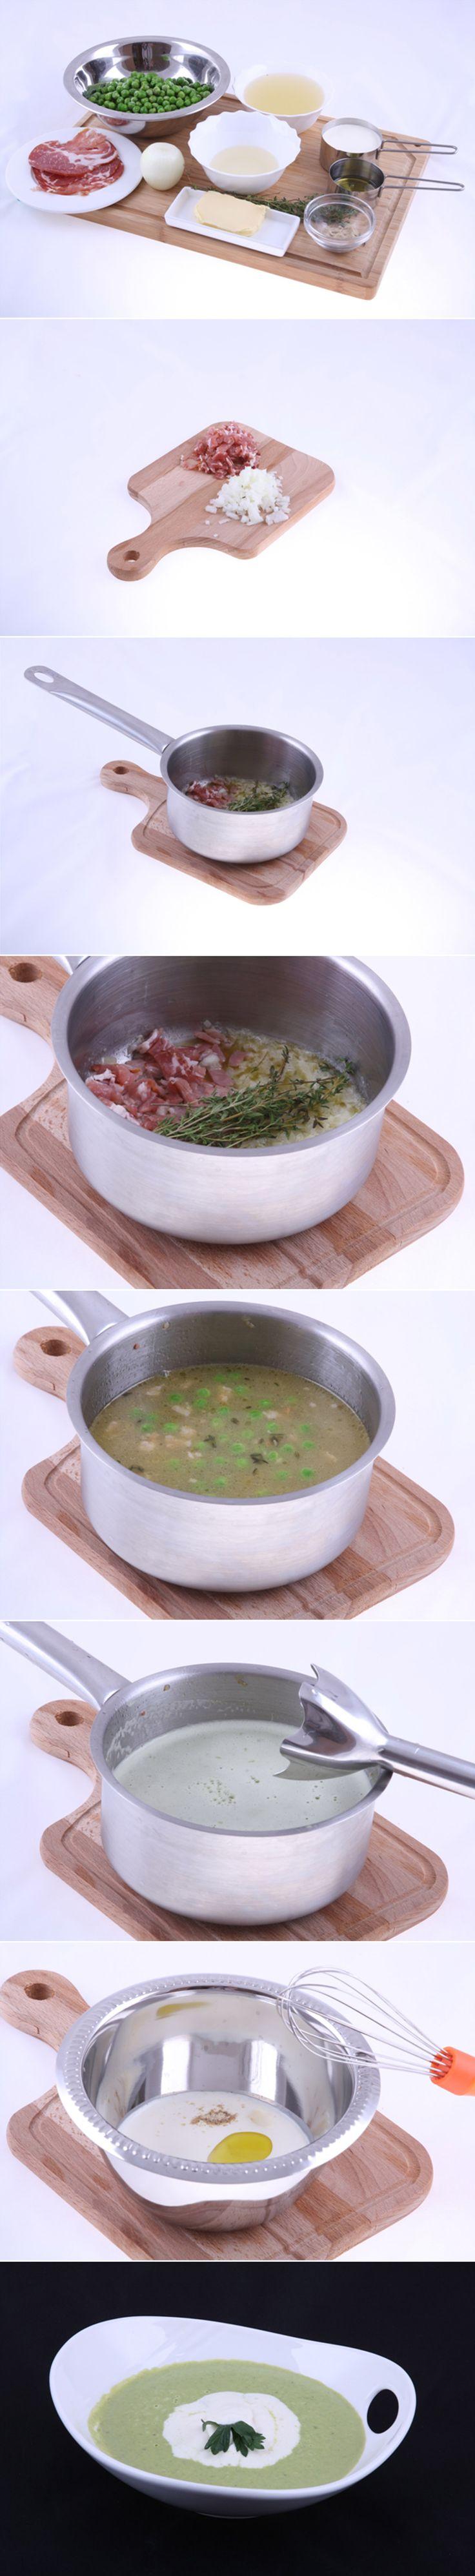 Суп-Велюте из зеленого горошка с трюфельными сливками и ветчиной Коппа. Сегодня мы продемонстрируем рецепт супа французкой кухни. Это блюдо вы легко приготовите за 20 минут (не считая подготовки бульона). Попробуйте, вам понравится! Полный список ингредиентов и способ приготовления блюда вы можете увидеть в...http://vk.com/dinnerday; http://instagram.com/dinnerday #суп #кулинария #еда #велюте #ветчина #рецепт #рецепты #dinnerday #food #cook #recipe #recipes